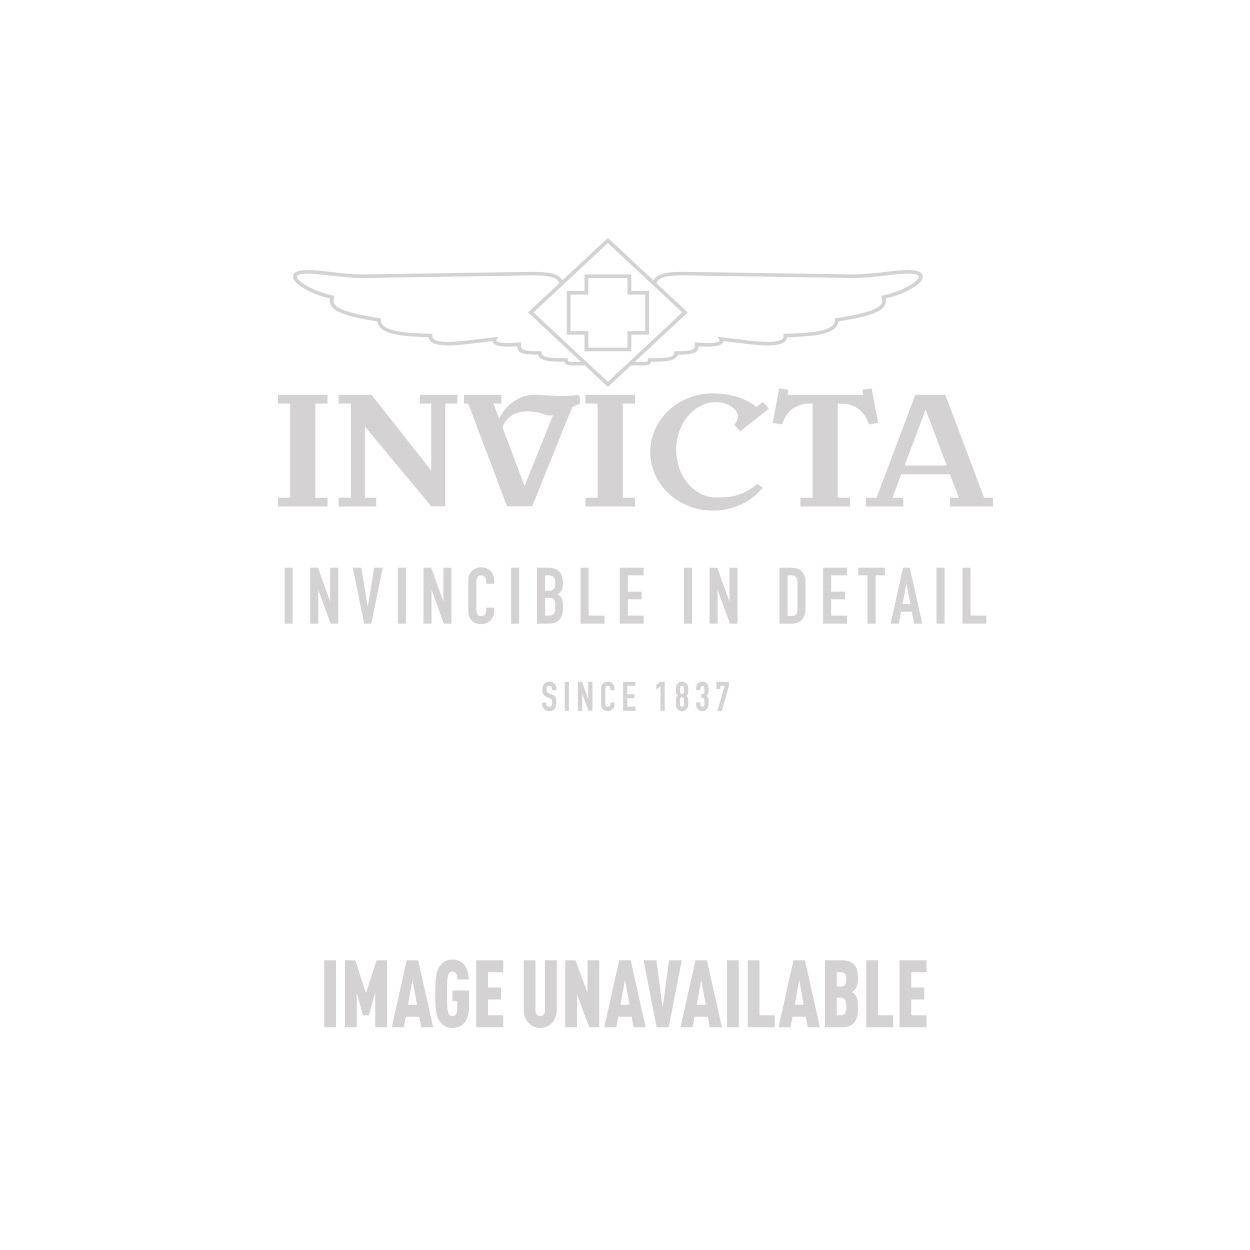 Invicta Model 28070